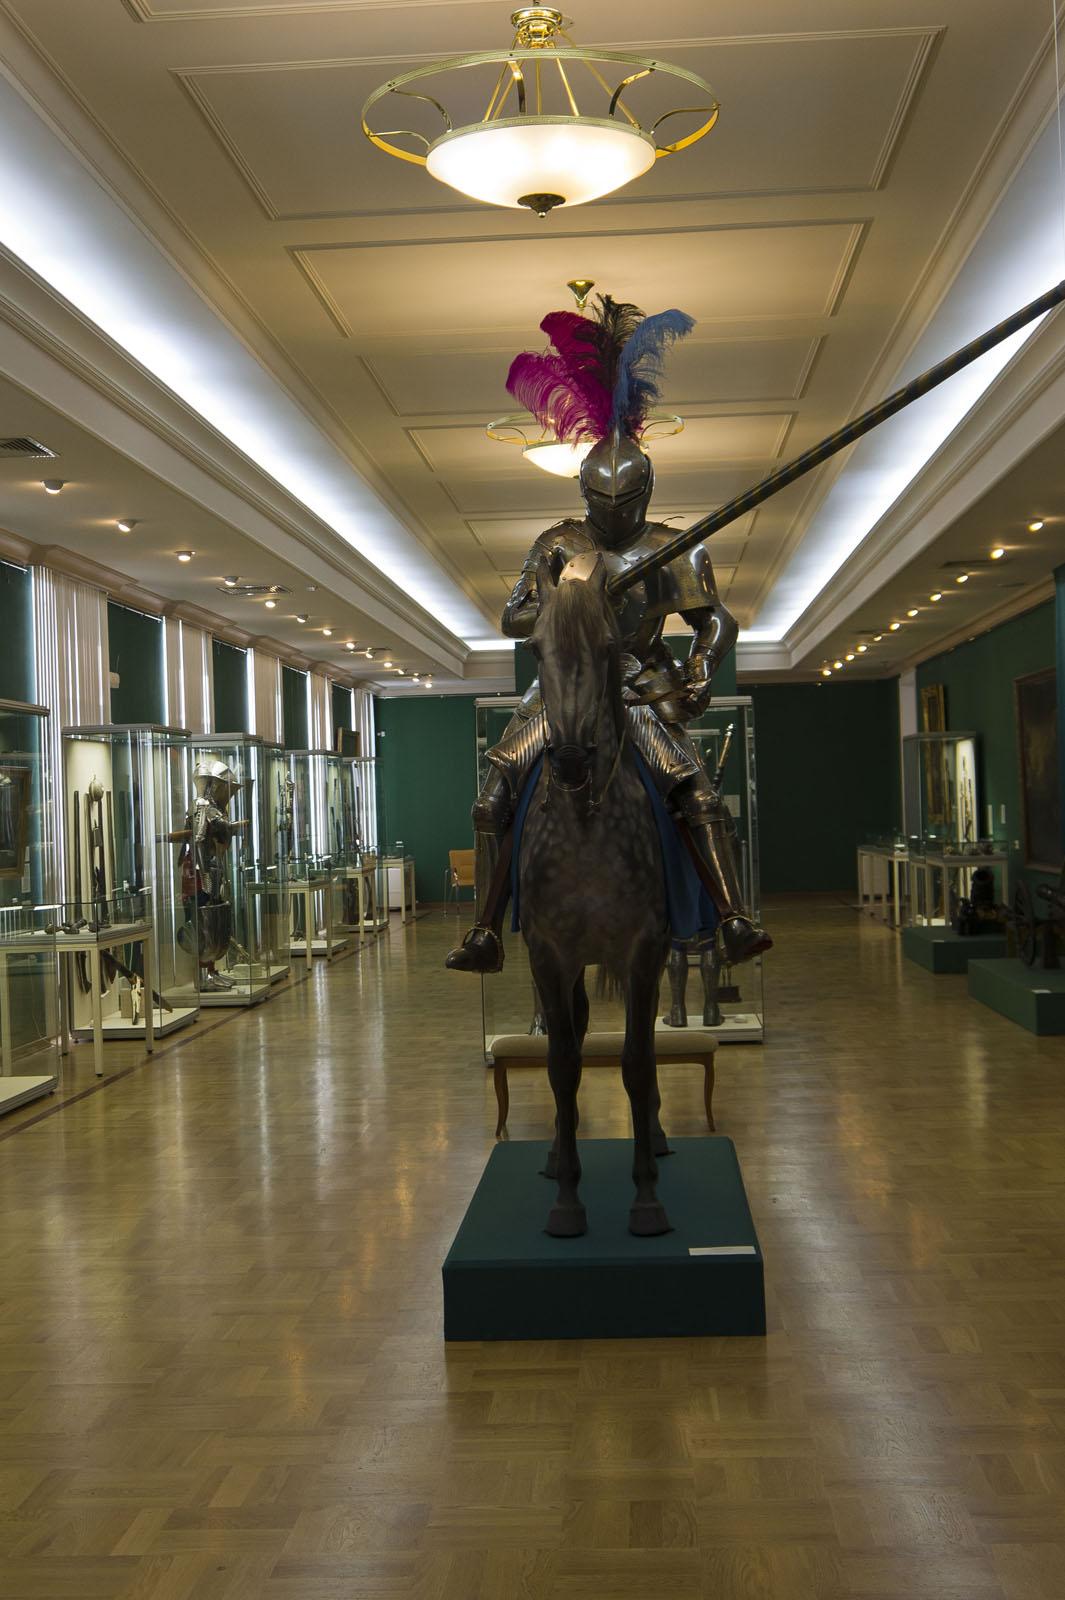 Фото №72210. Рыцарский зал, на переднем плане рыцарь в турнирном доспехе